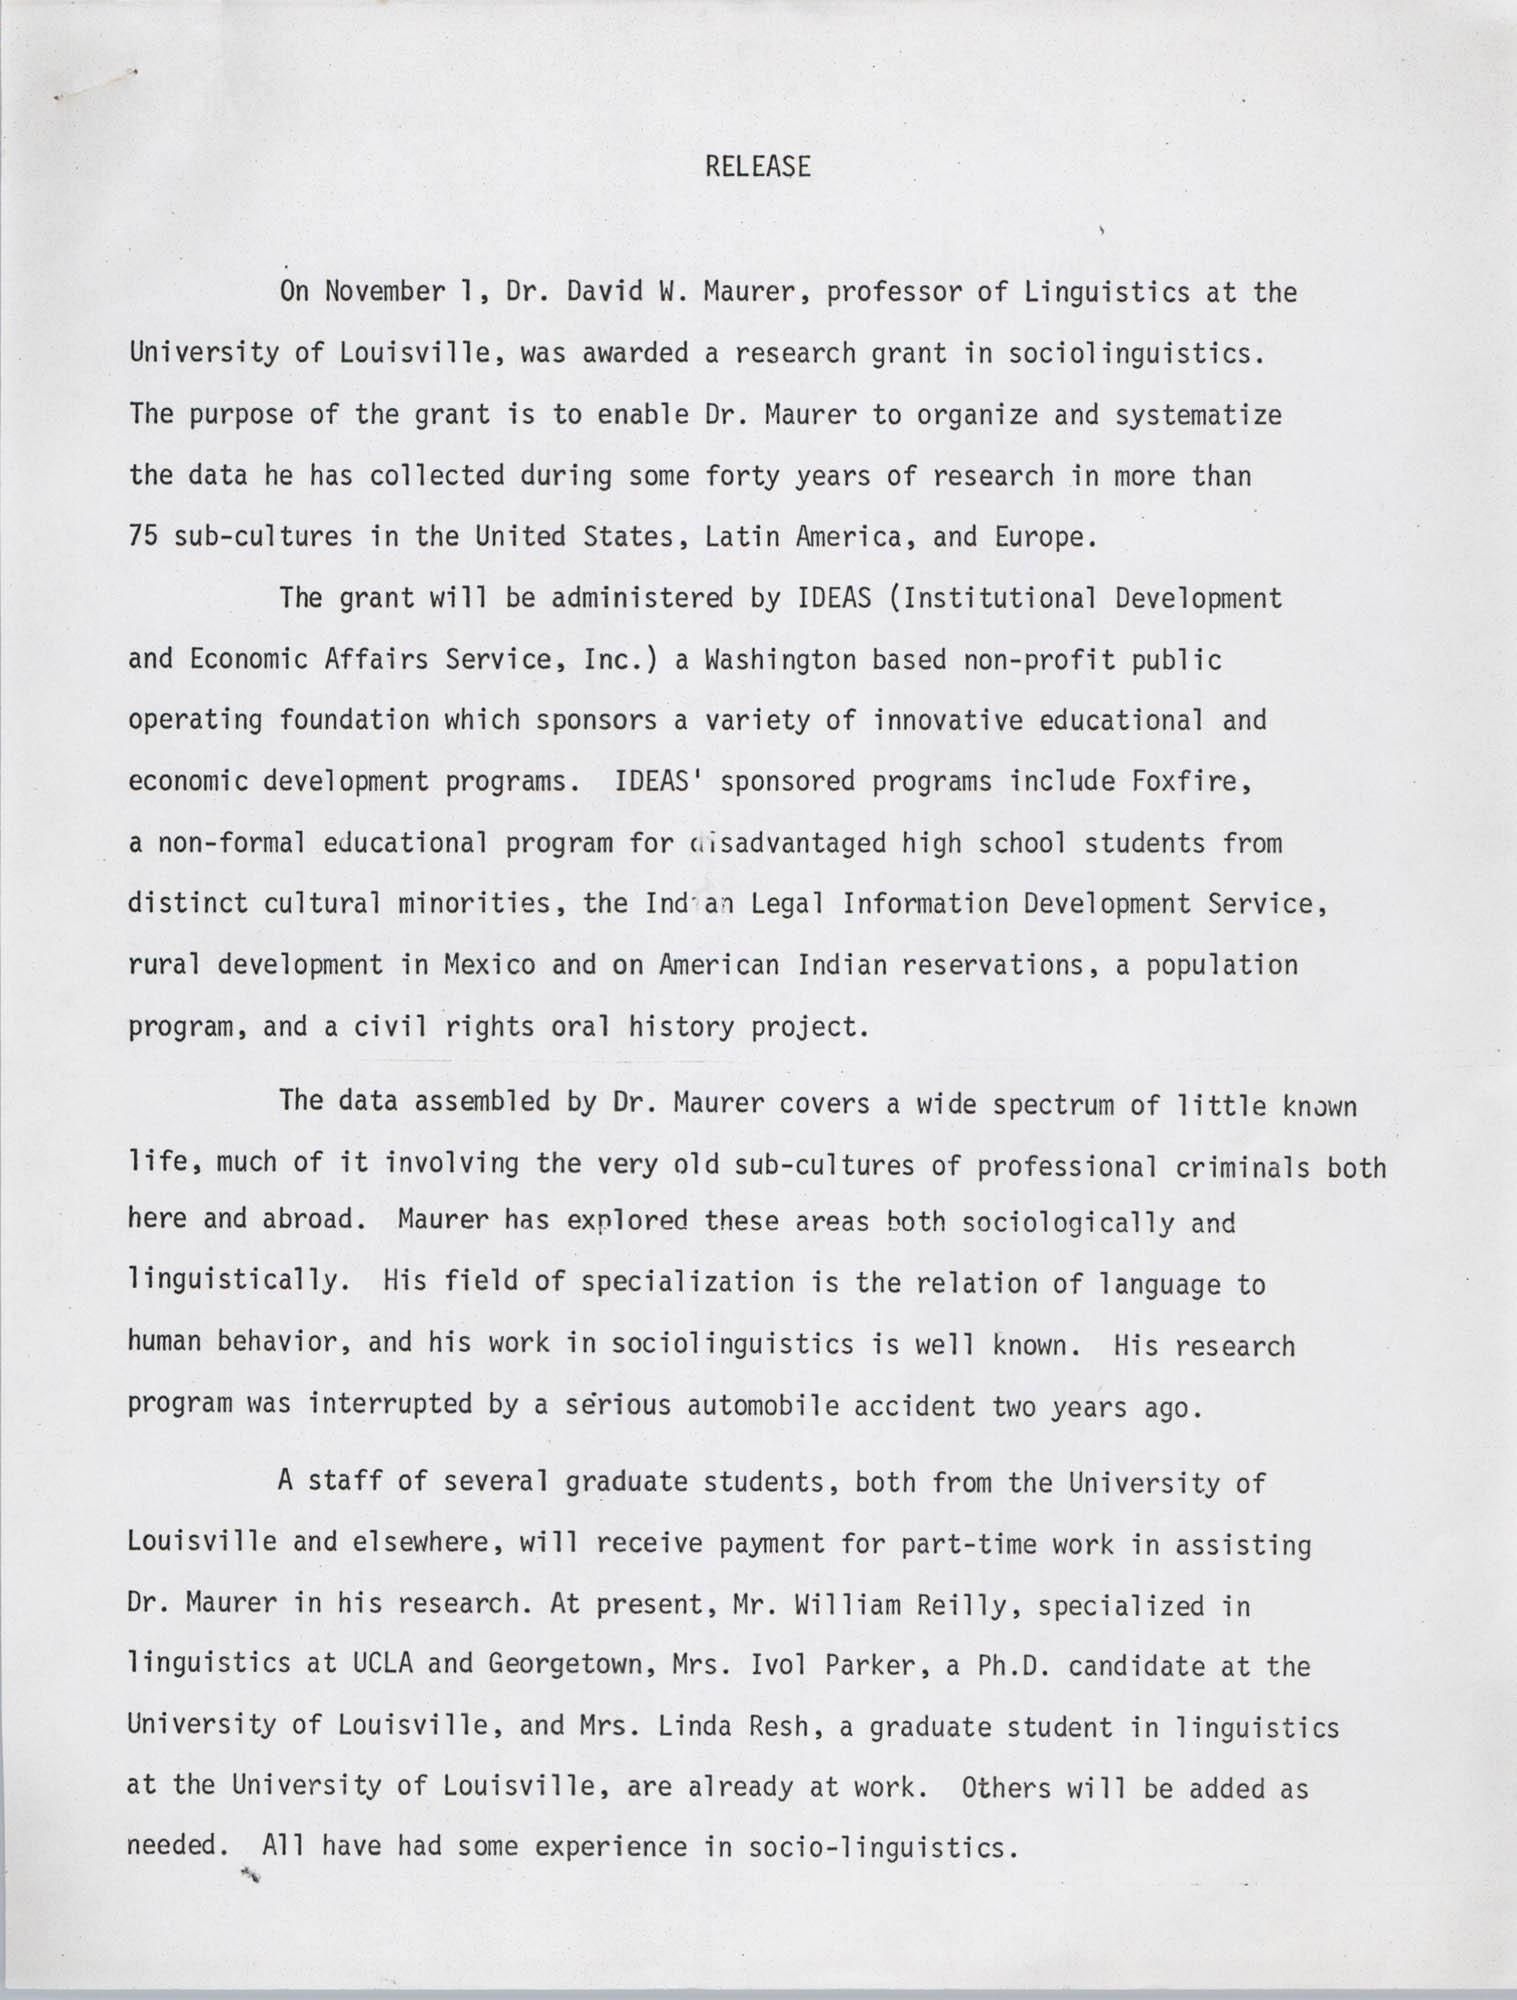 David Maurer Press Release